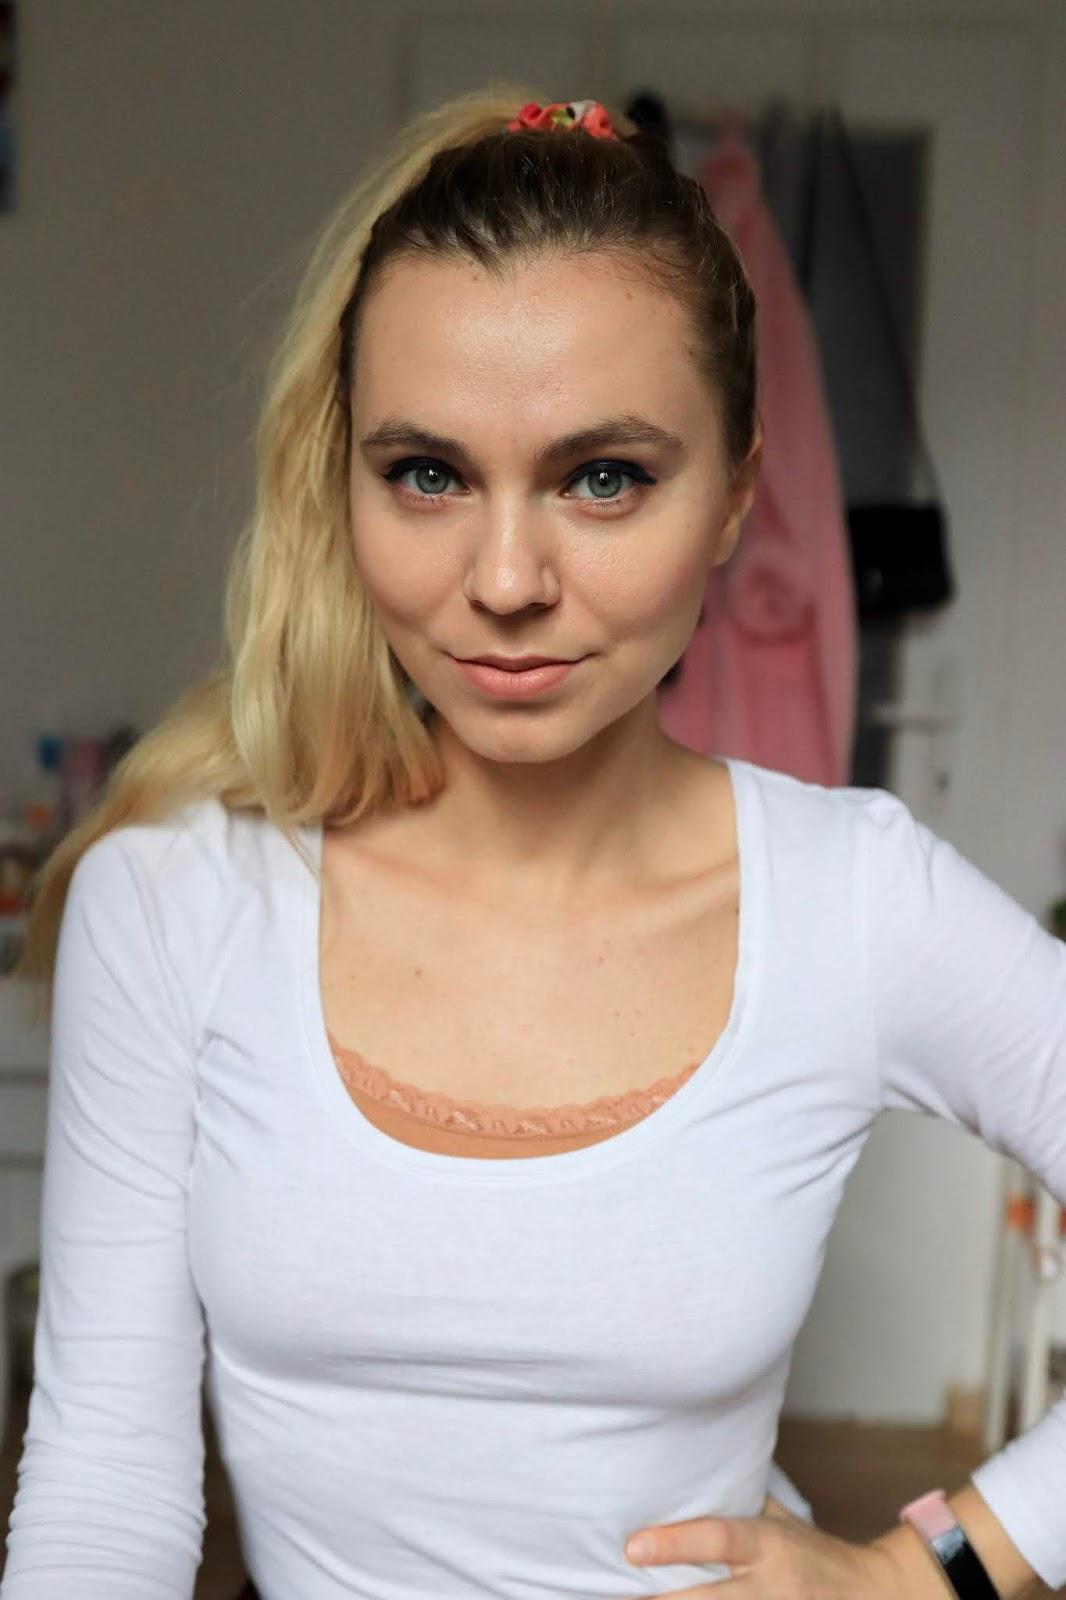 kozmetike blog